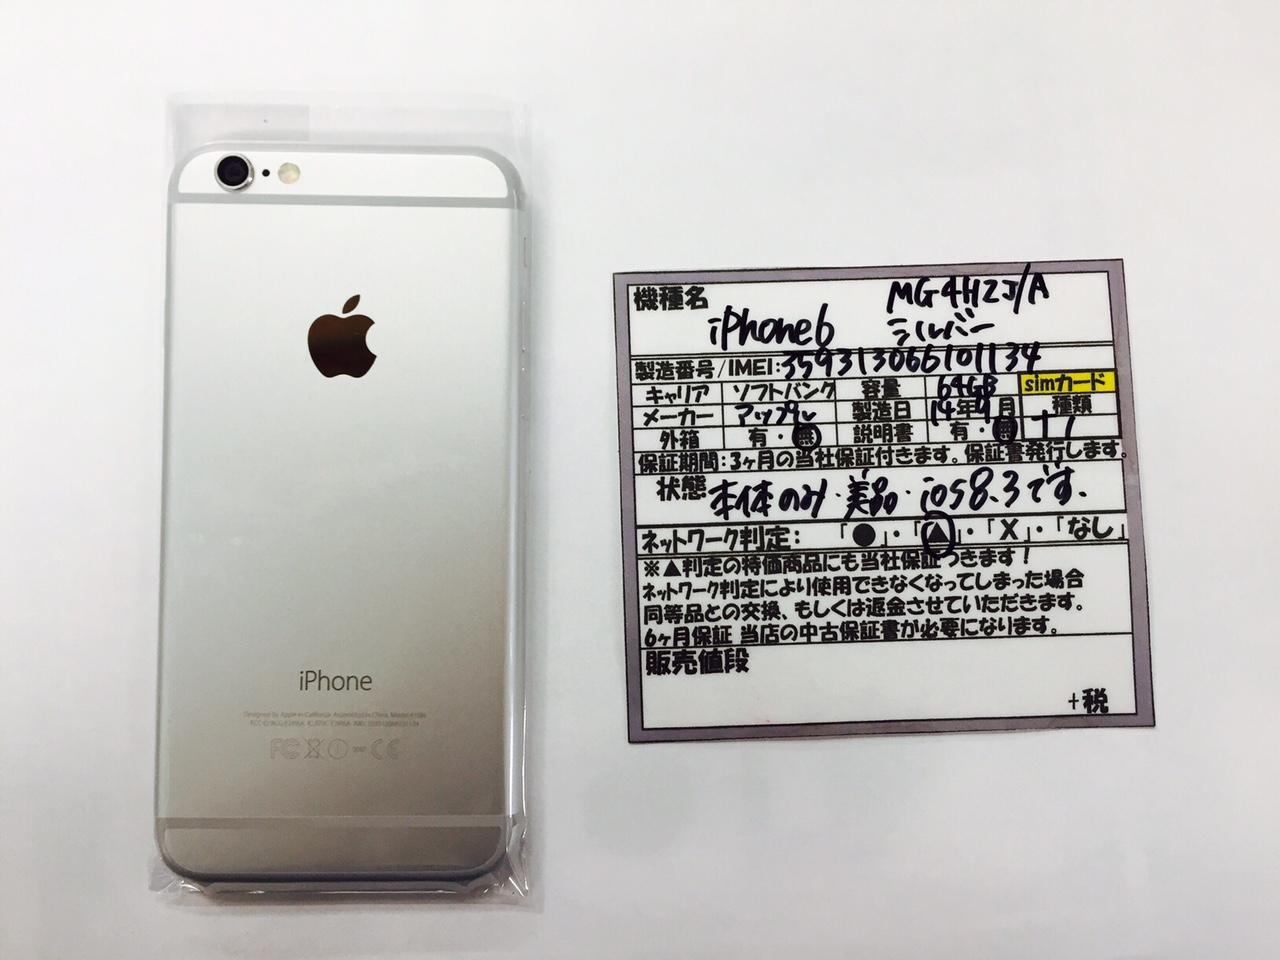 ソフトバンク iPhone6 64GB 本体のみ MG4H2J